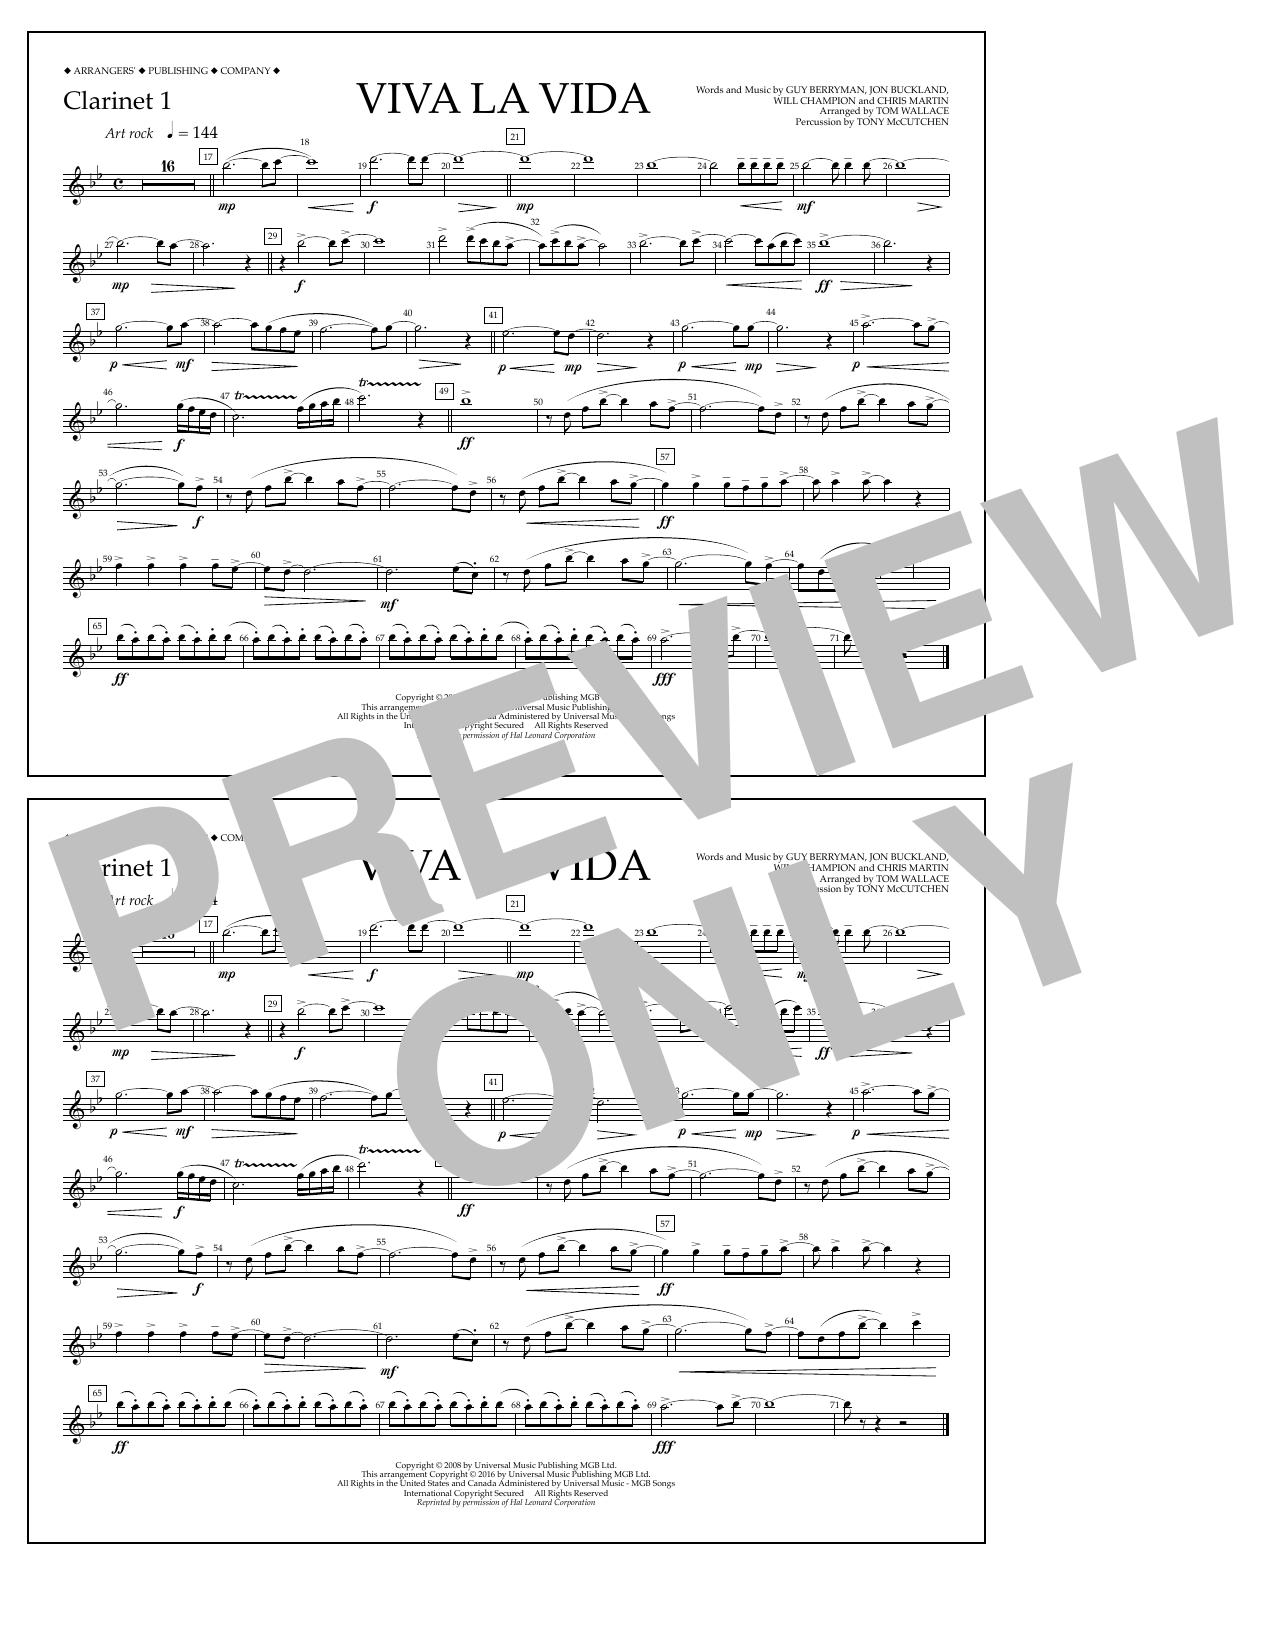 Tom Wallace Viva La Vida - Clarinet 1 sheet music notes and chords. Download Printable PDF.